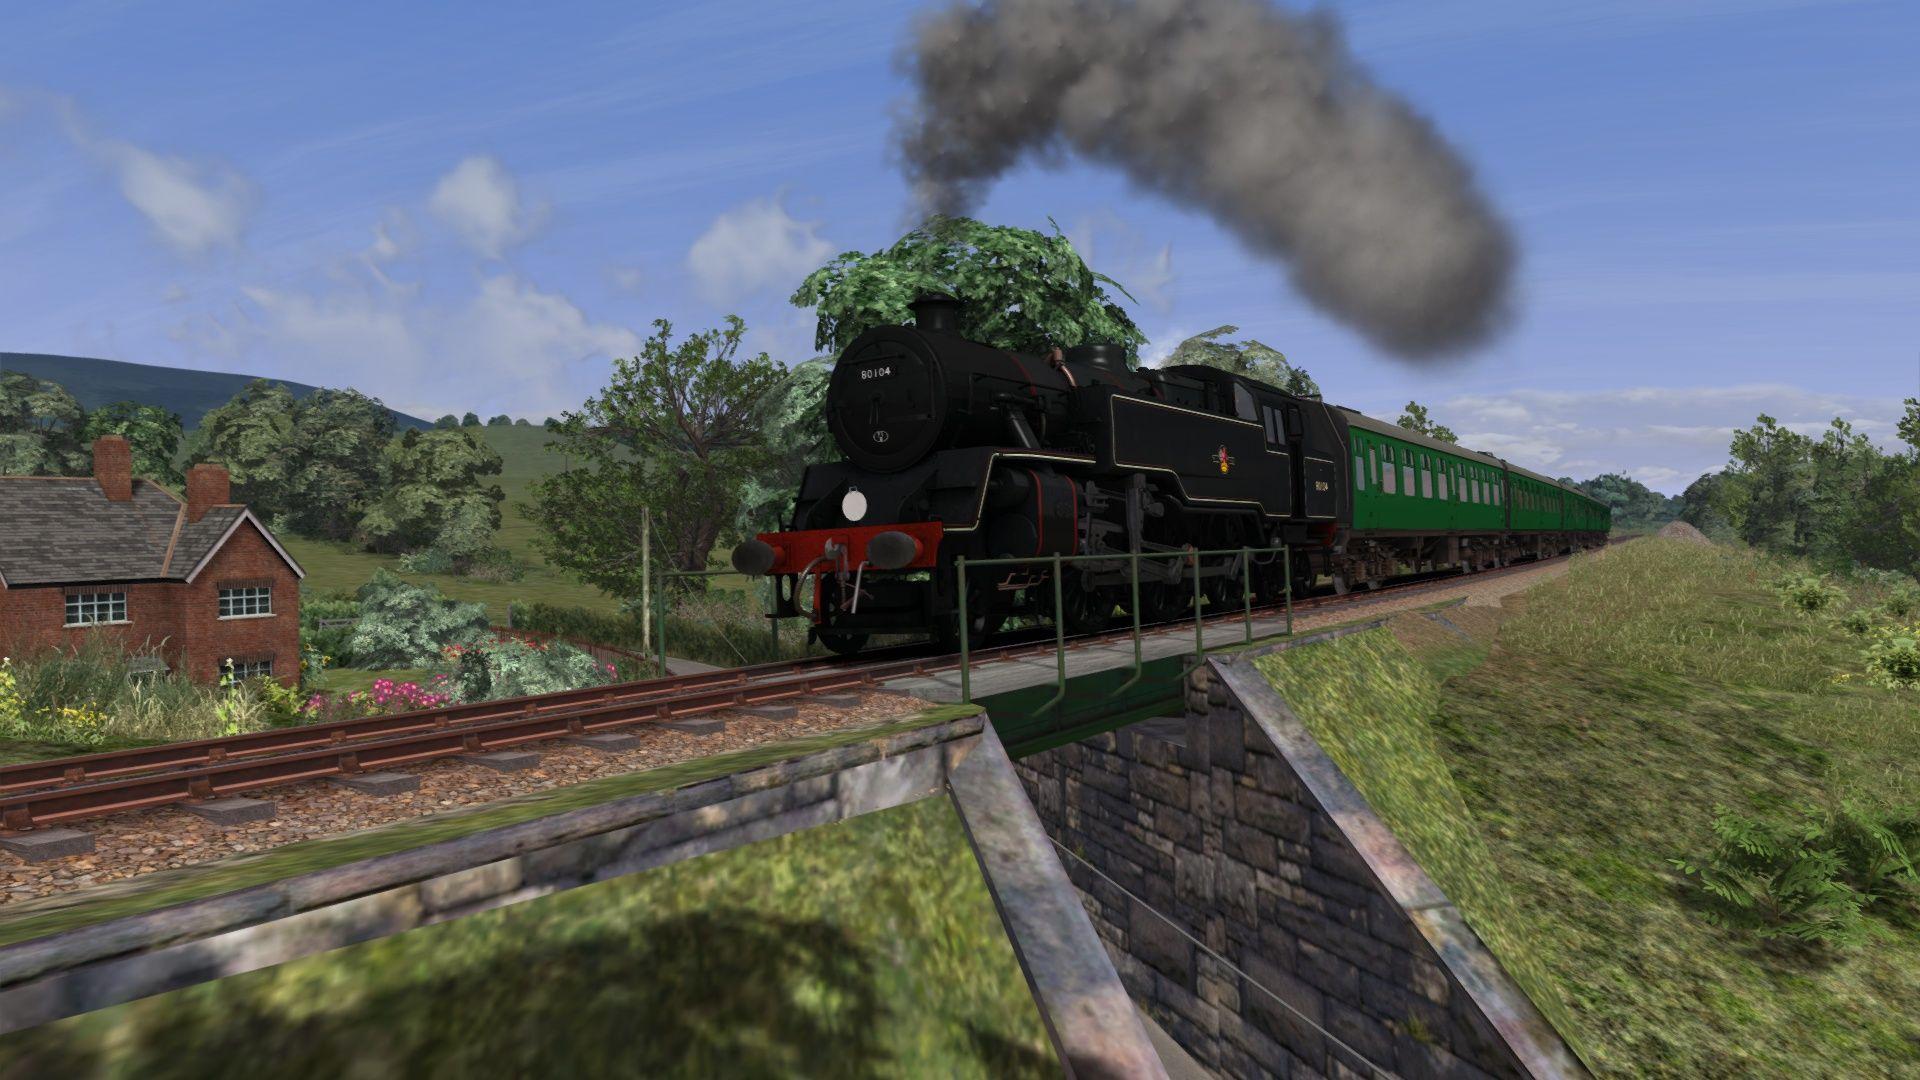 Screenshot_Swanage Railway_50.61724--1.99925_16-08-17